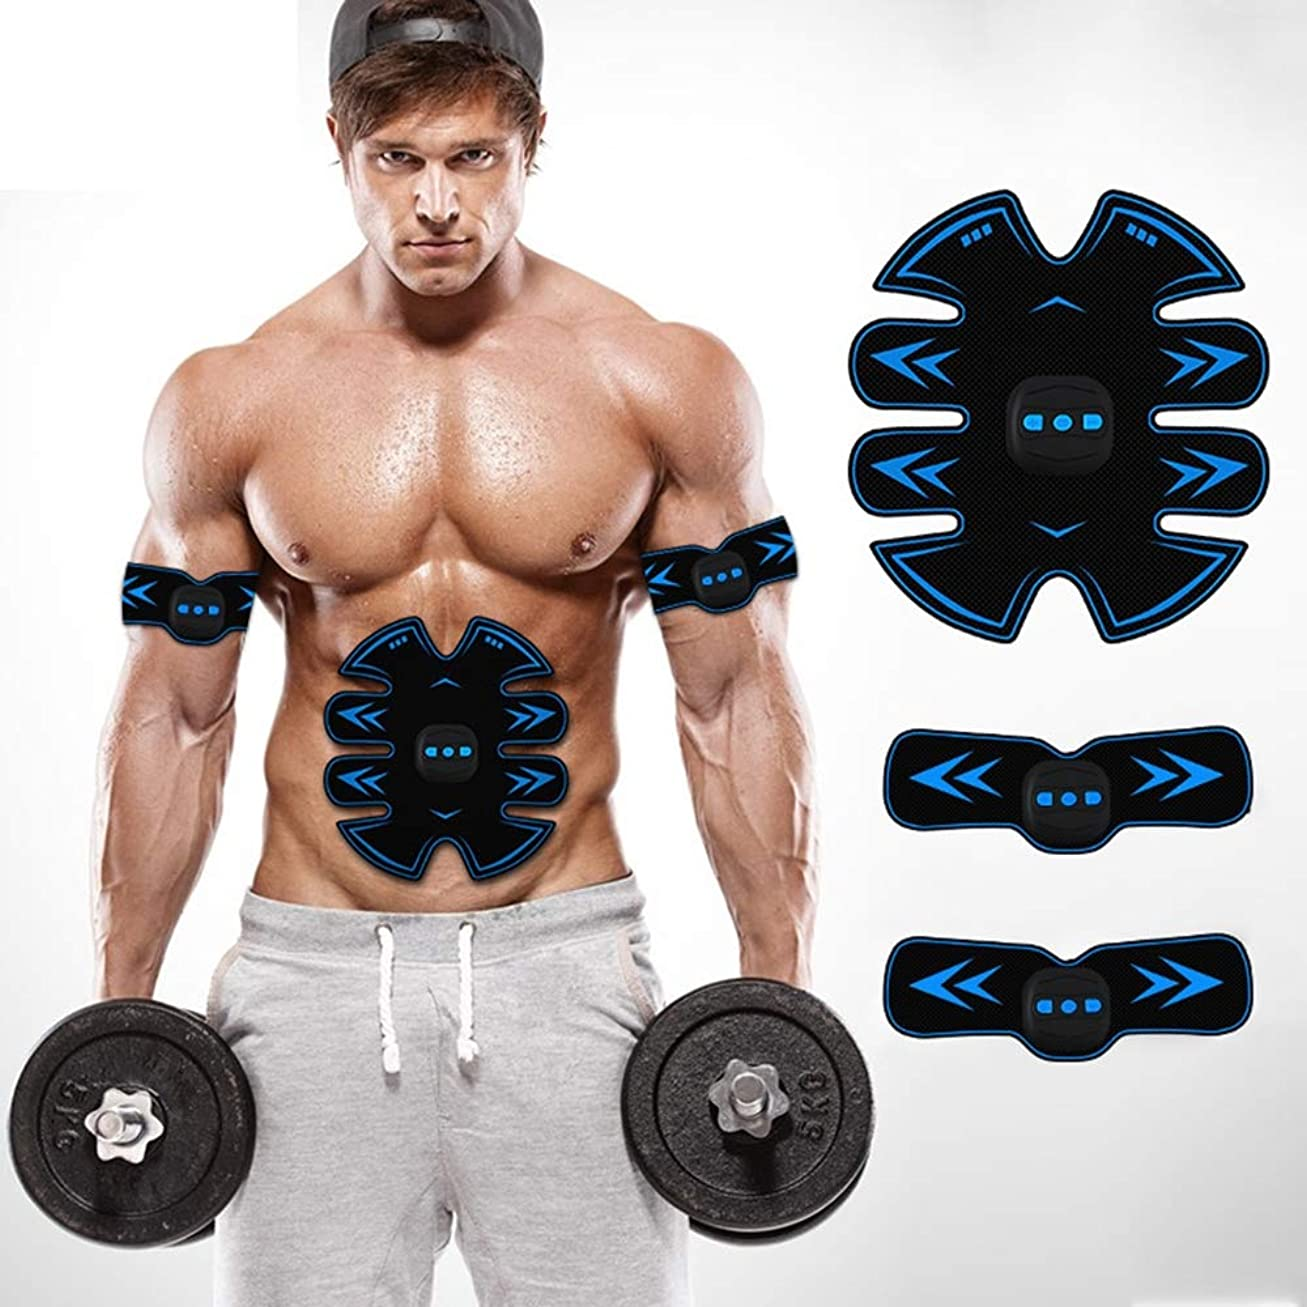 中で衣服伝導スマートUSB電気腹部機器ワイヤレスEMS筋肉刺激装置ウエスト減量マシン男性と女性の運動腹筋トレーニングフィットネス機器,Blue